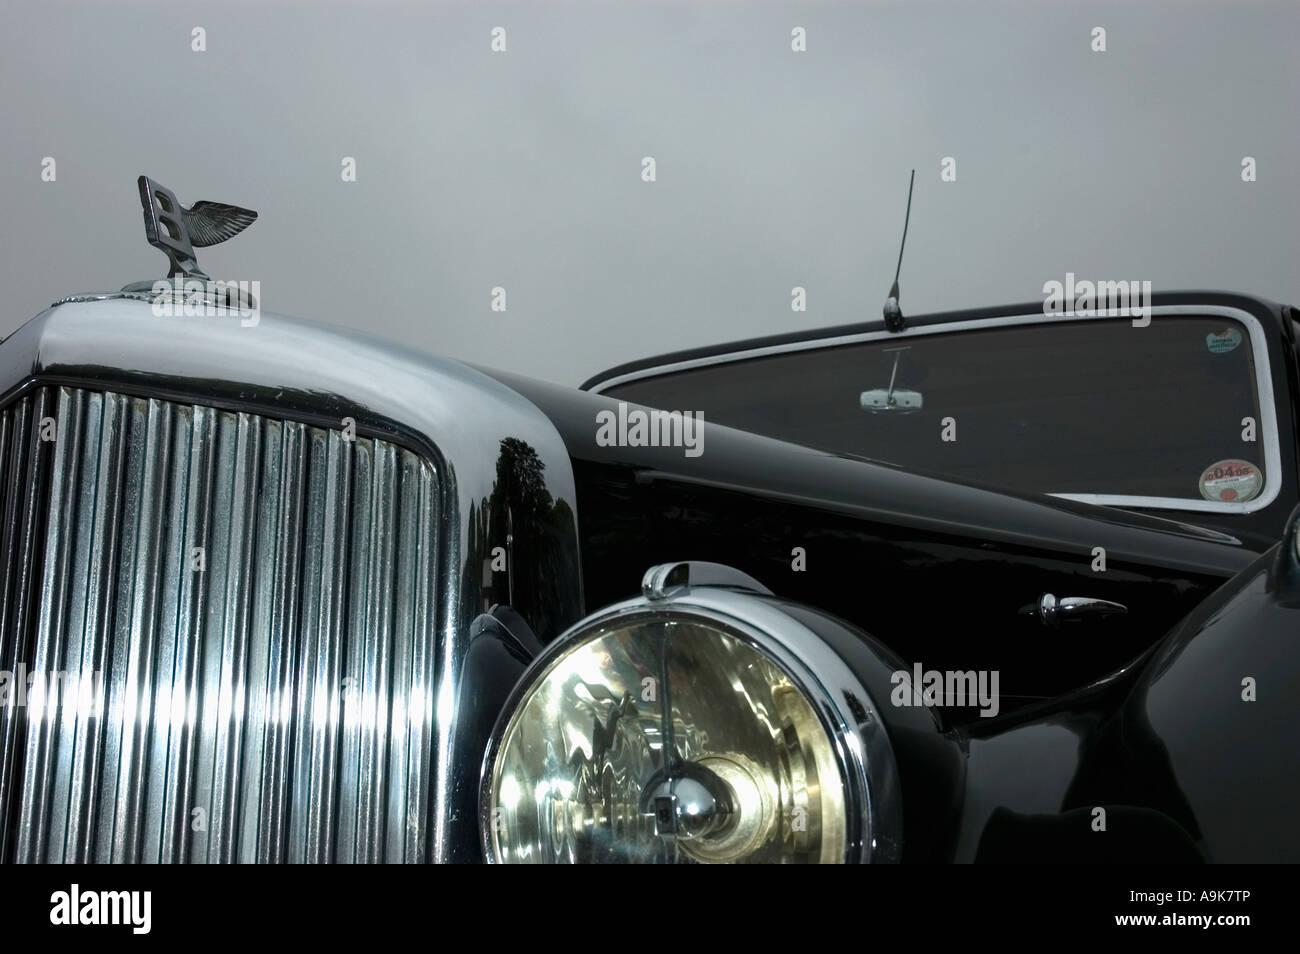 Detail von einem schwarzen Oldtimer Bentley Auto hautnah Stockbild